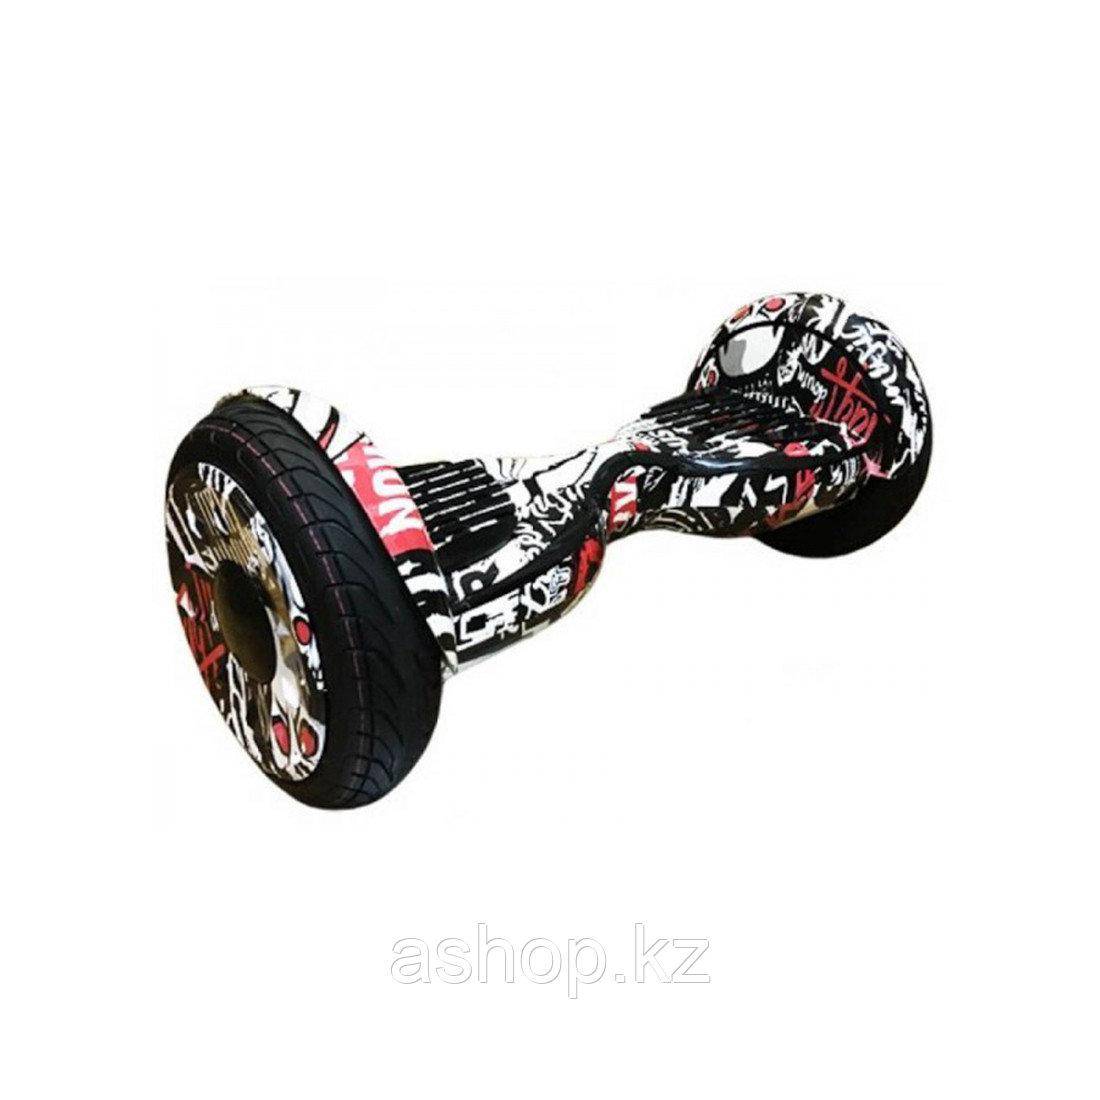 Гироскутер X-game X105A-06, Скорость (max.): 15 км/ч, Запас хода: 25 км, Нагрузка: 120 кг, Размер колеса: 10''